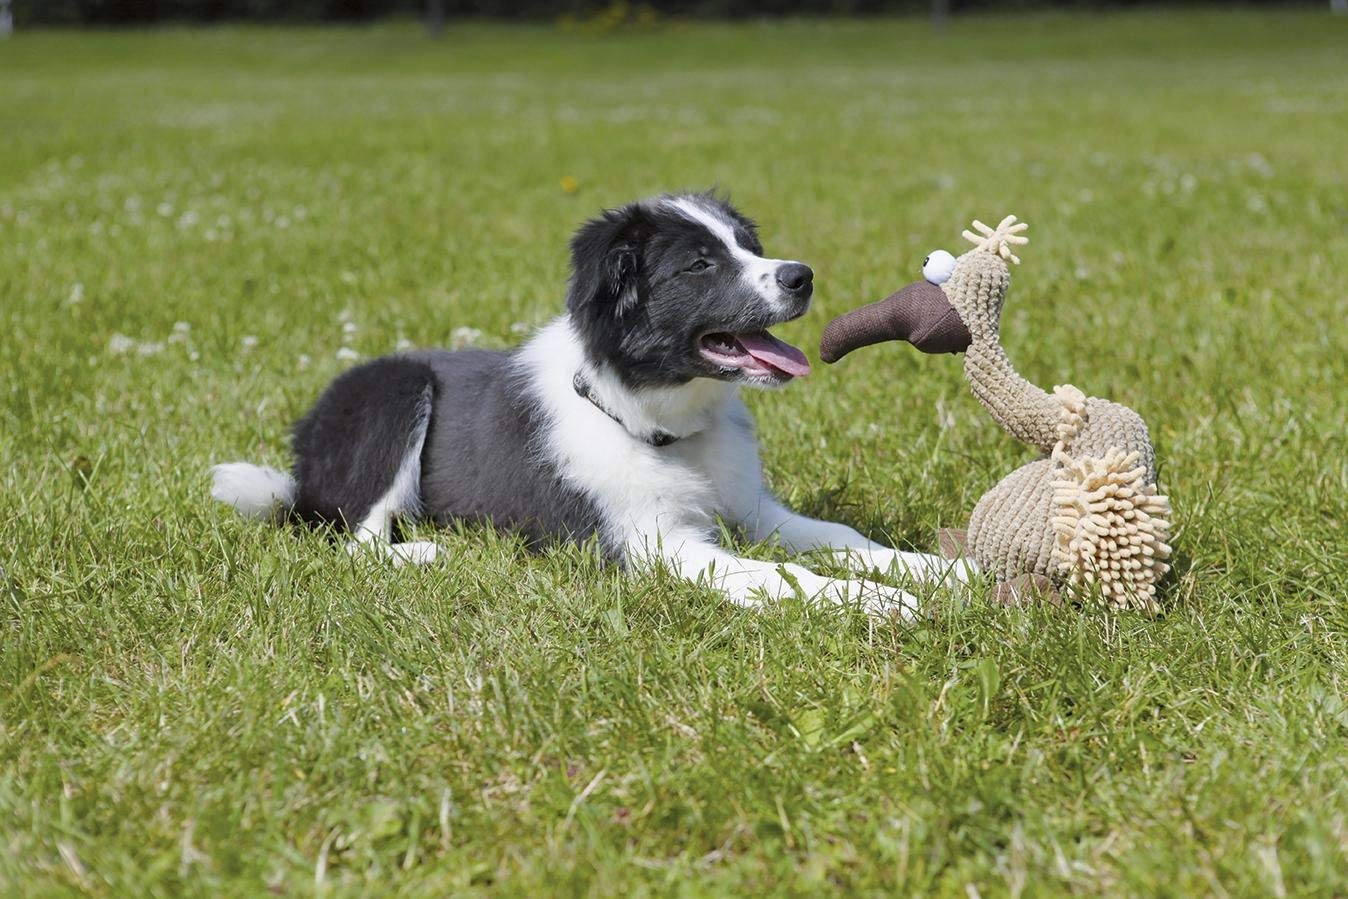 Juguetes para perros Trixie perros online catalogo barato comprar ofertas opiniones pelotas peluches juguetes para perros divertidos irrompibles resistentes